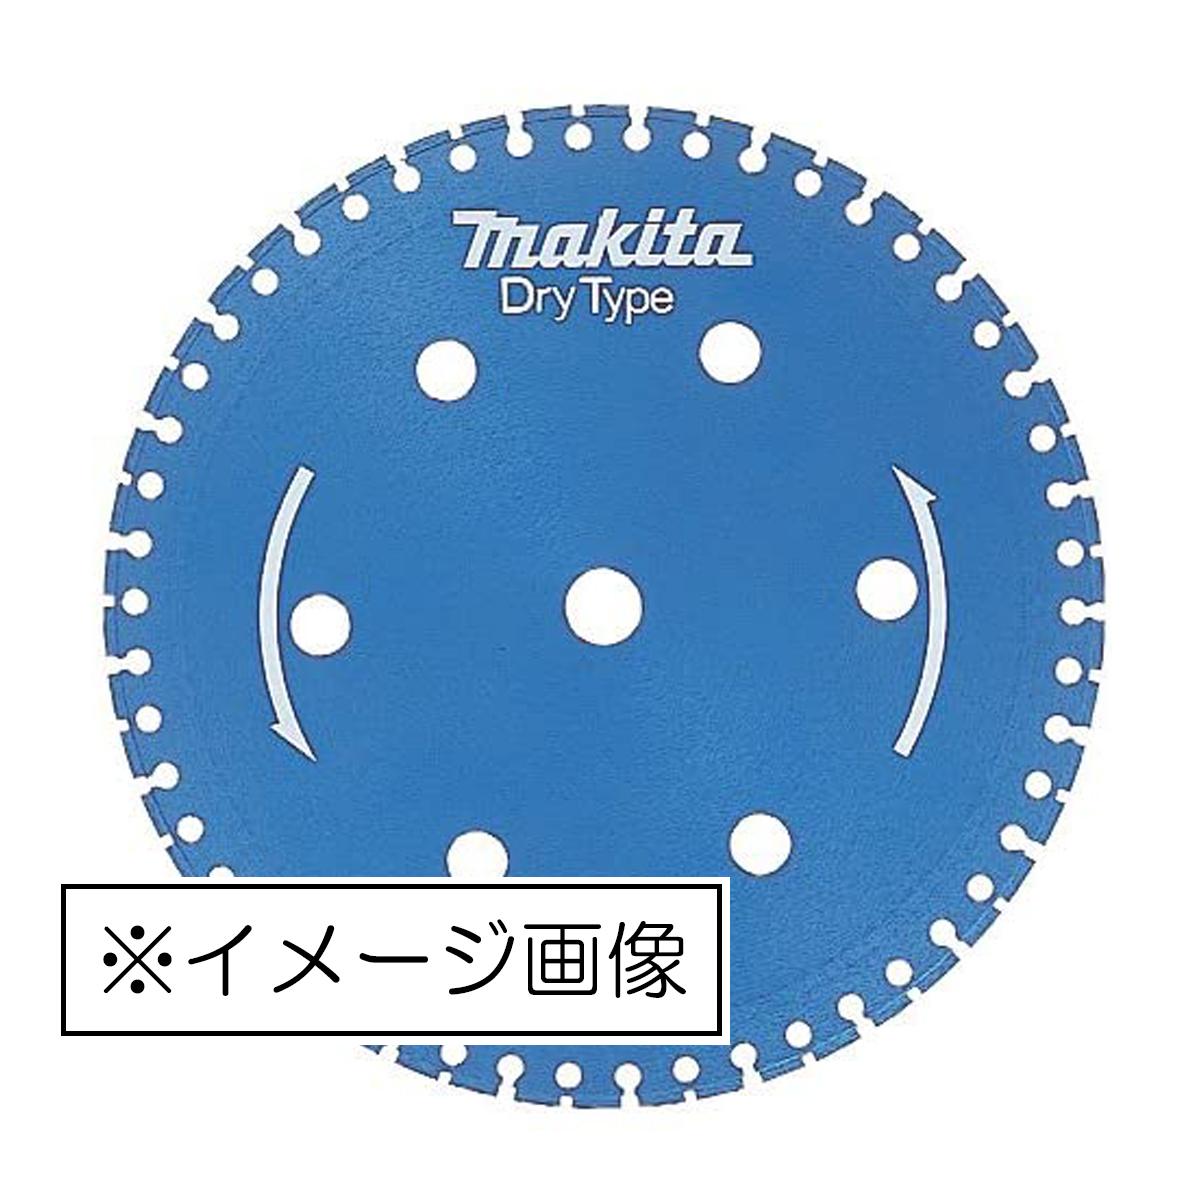 マキタ ダイヤモンドホイール A-09357 ALC用 405mm おトク 激安通販